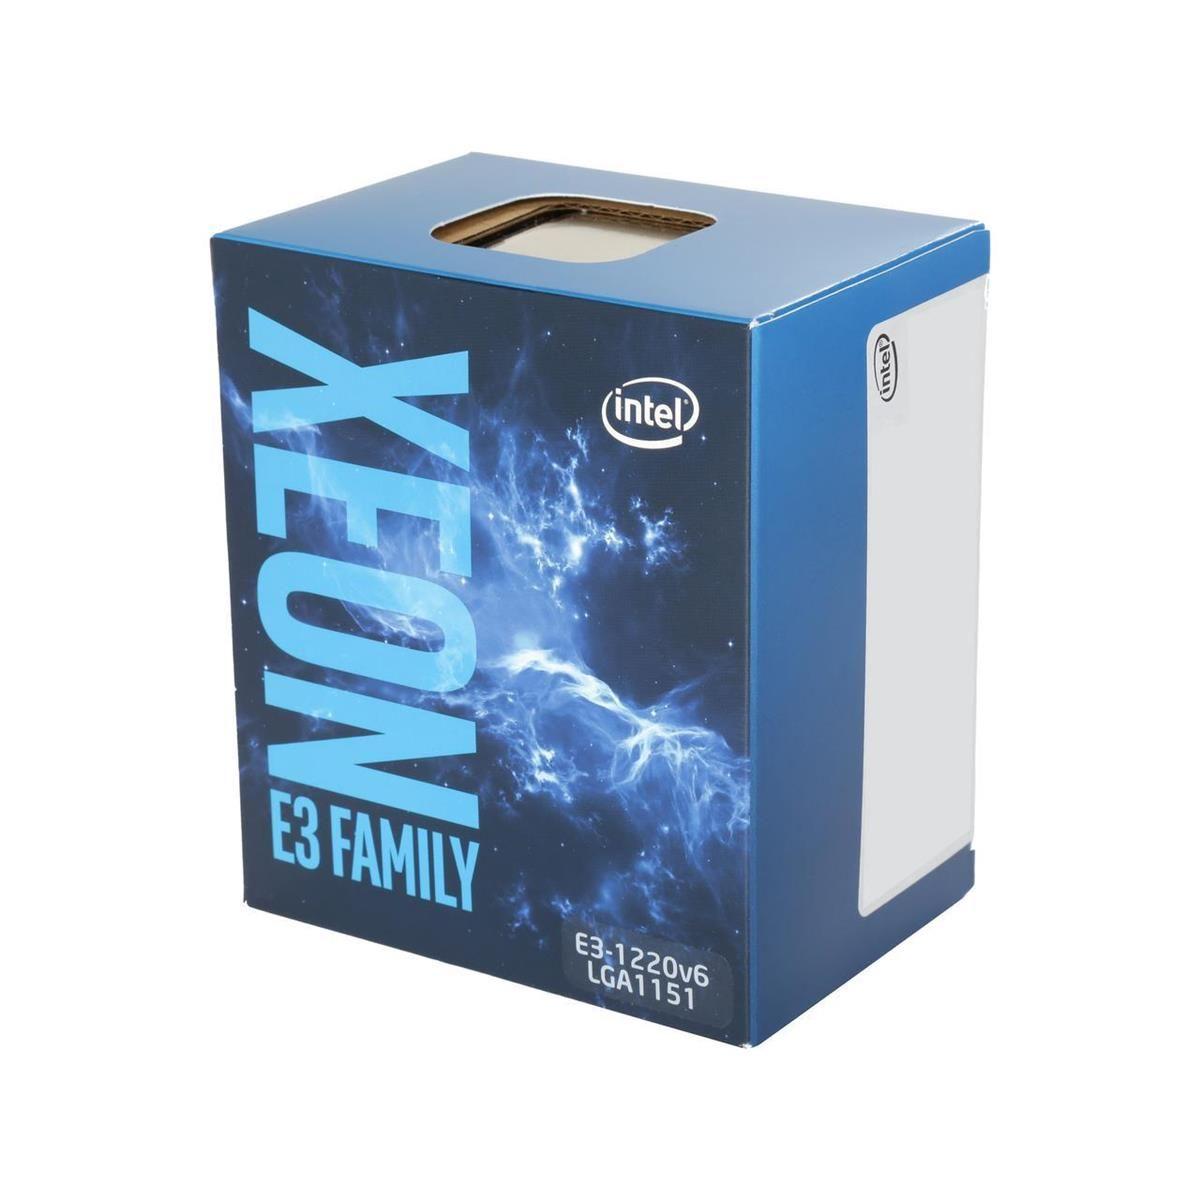 Processador Servidor INTEL E3 1220V6 Xeon 1151 3.00 GHZ BOX